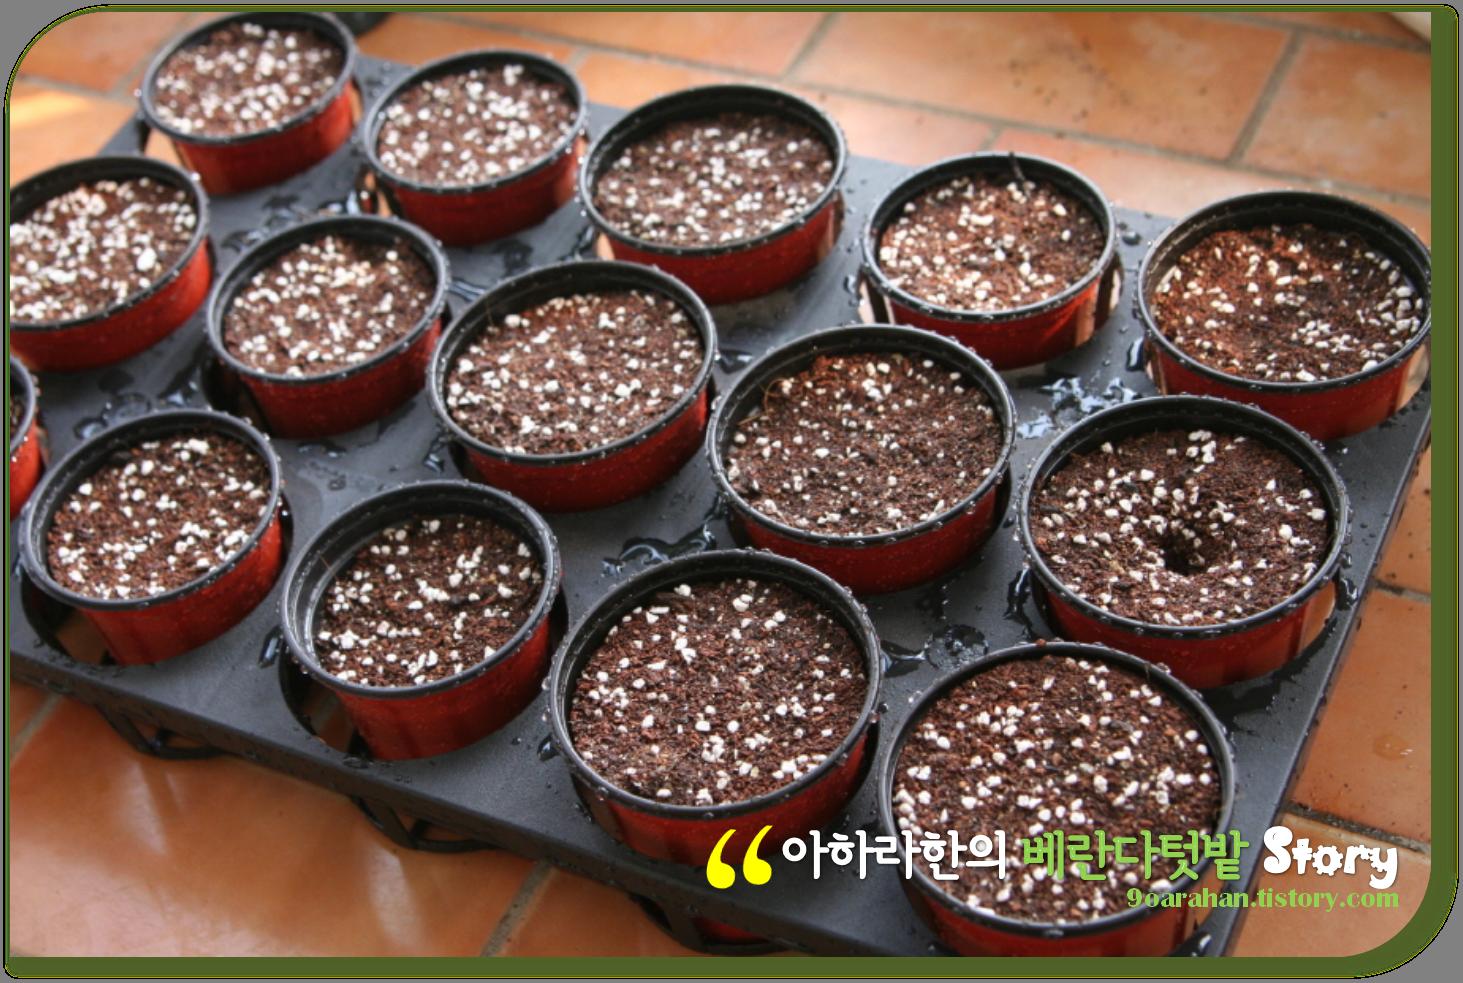 아파트 베란다 채소밭에서 수확한 상추, 상추 수확하는 방법 [상추키우기]